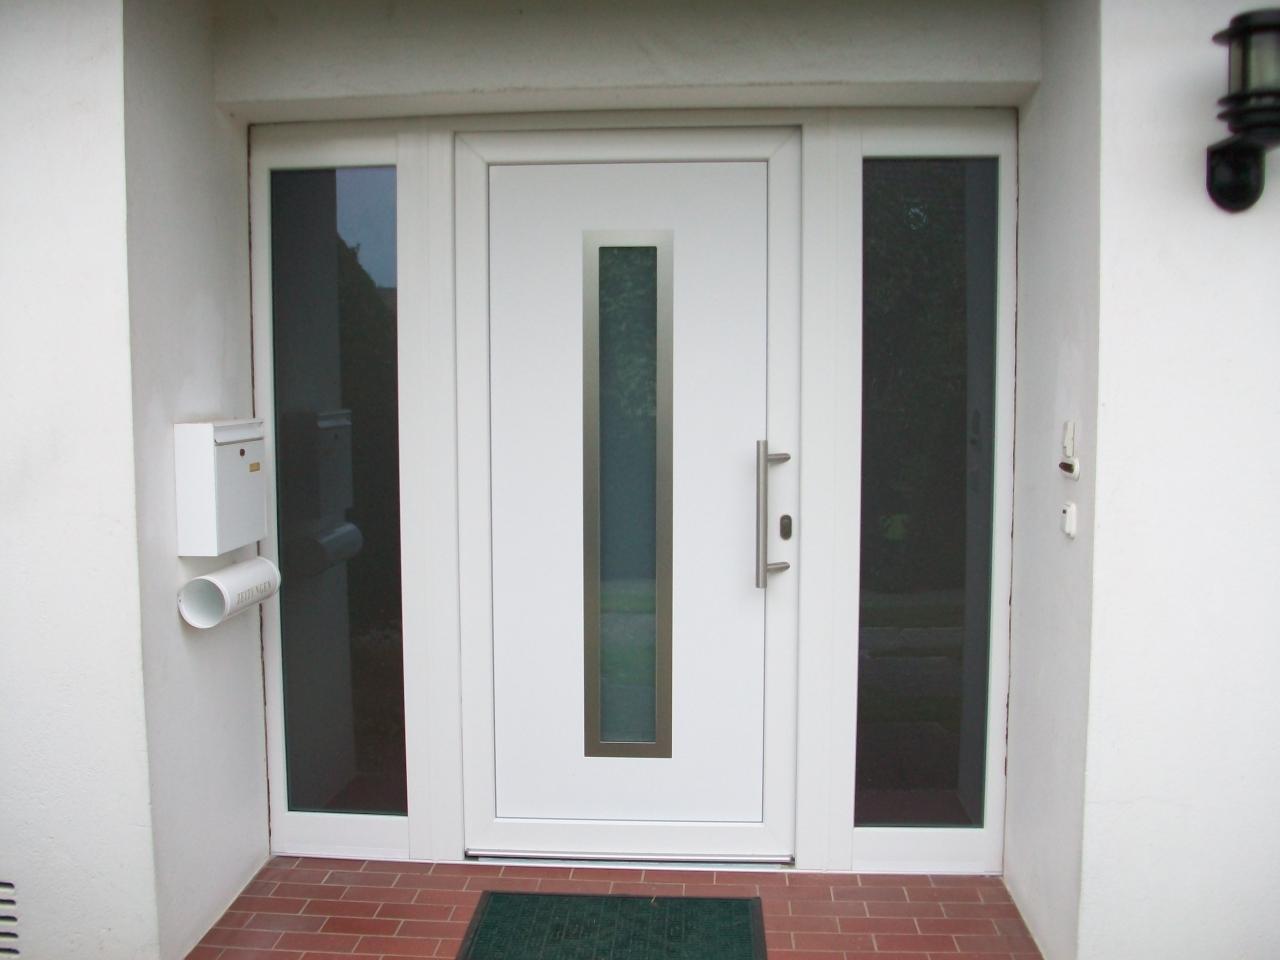 Haustüren modern mit seitenteil weiß  Haustüren aus Kunststoff